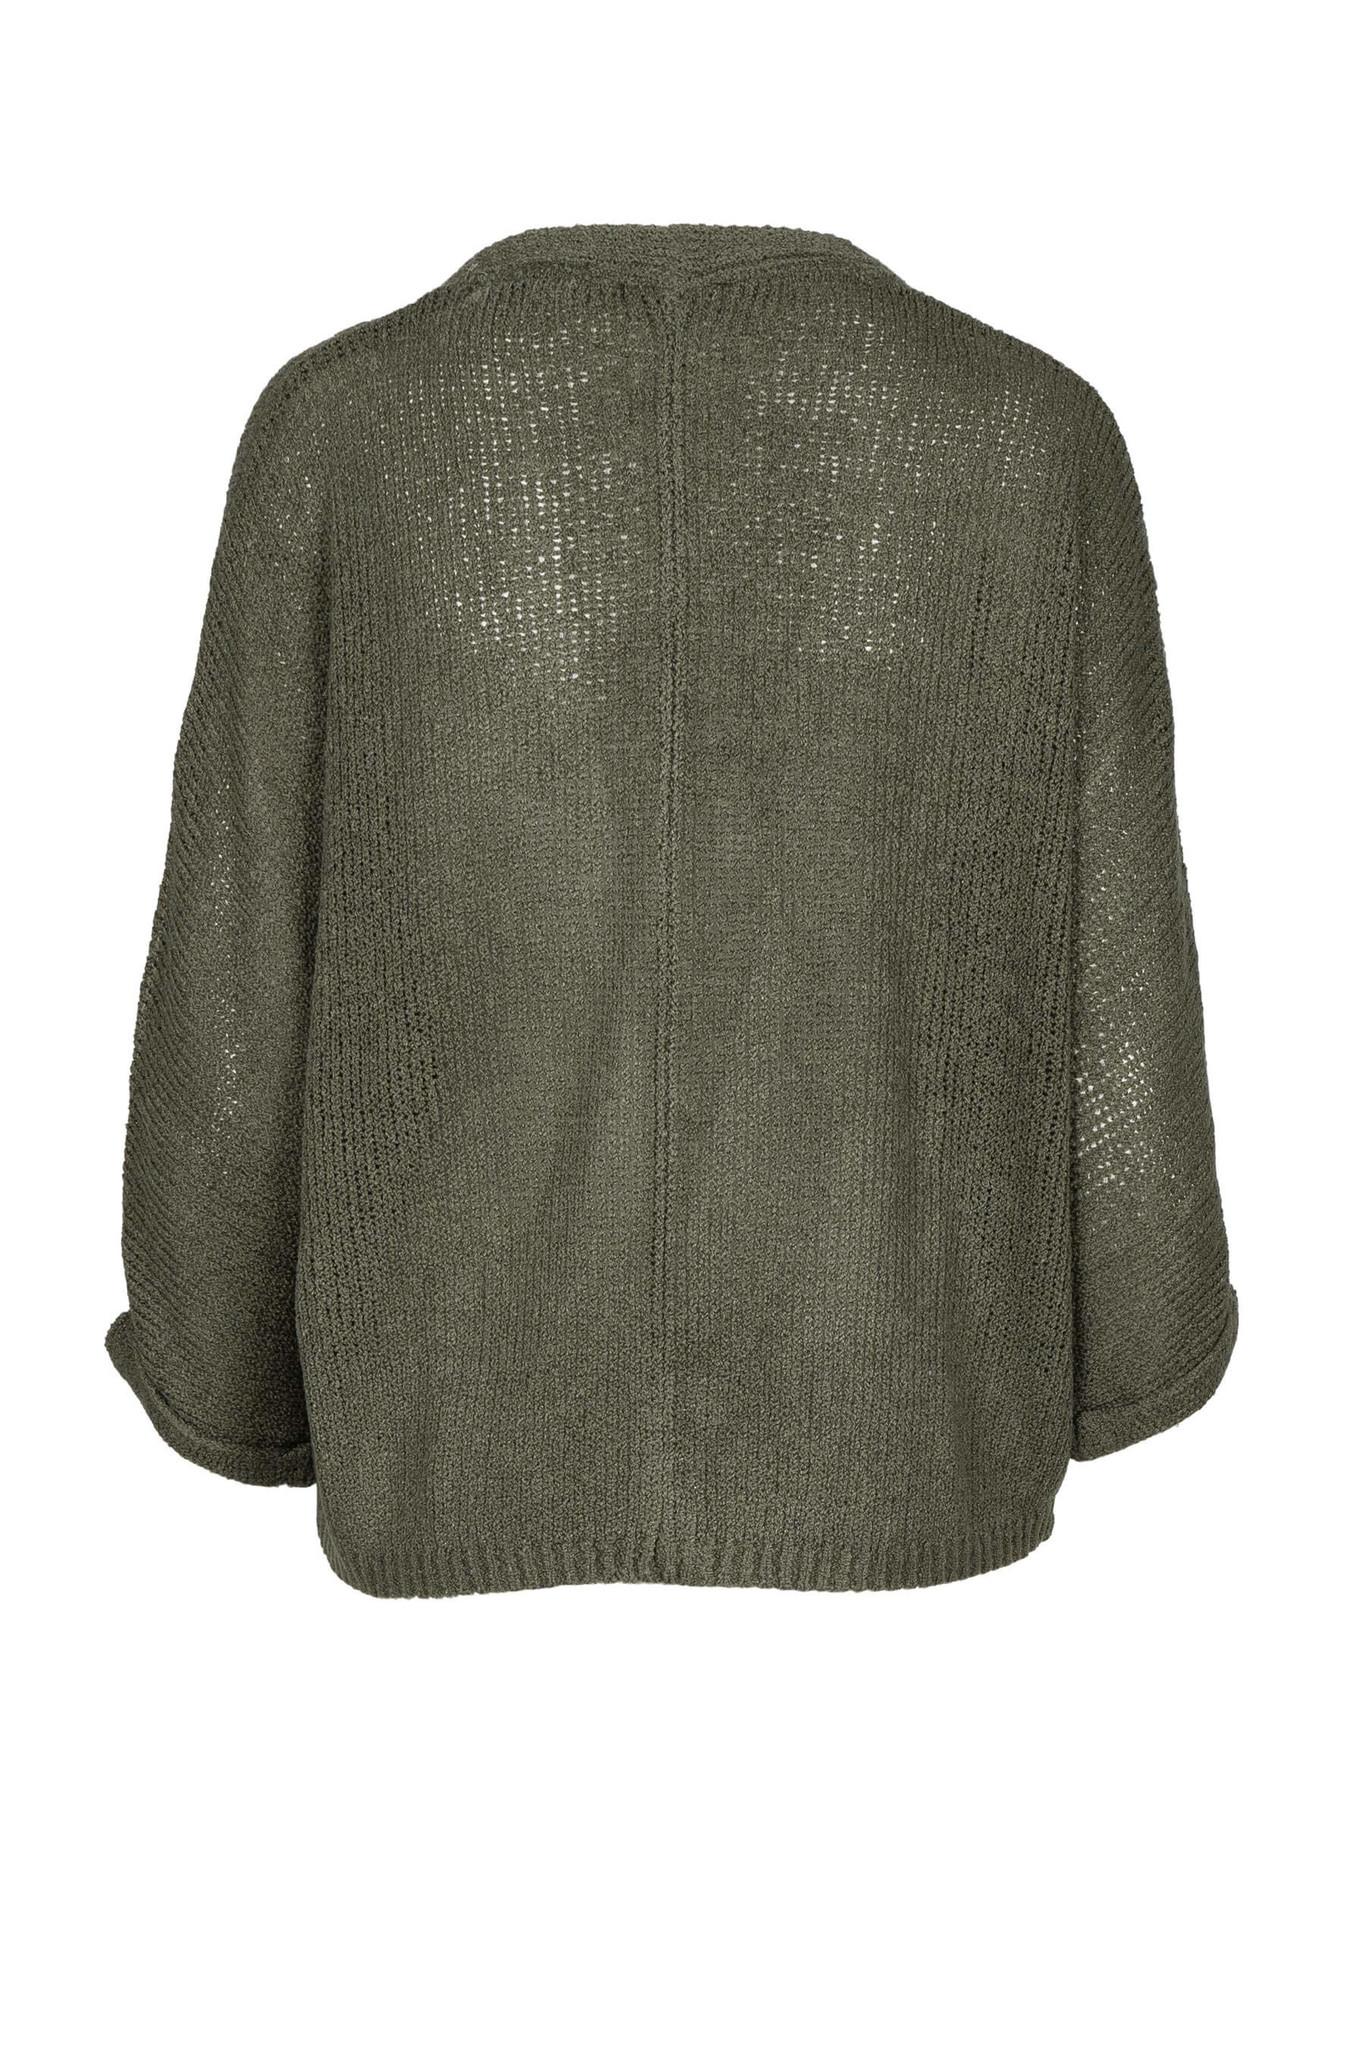 Zusss Nonchalant kort vestje - groen